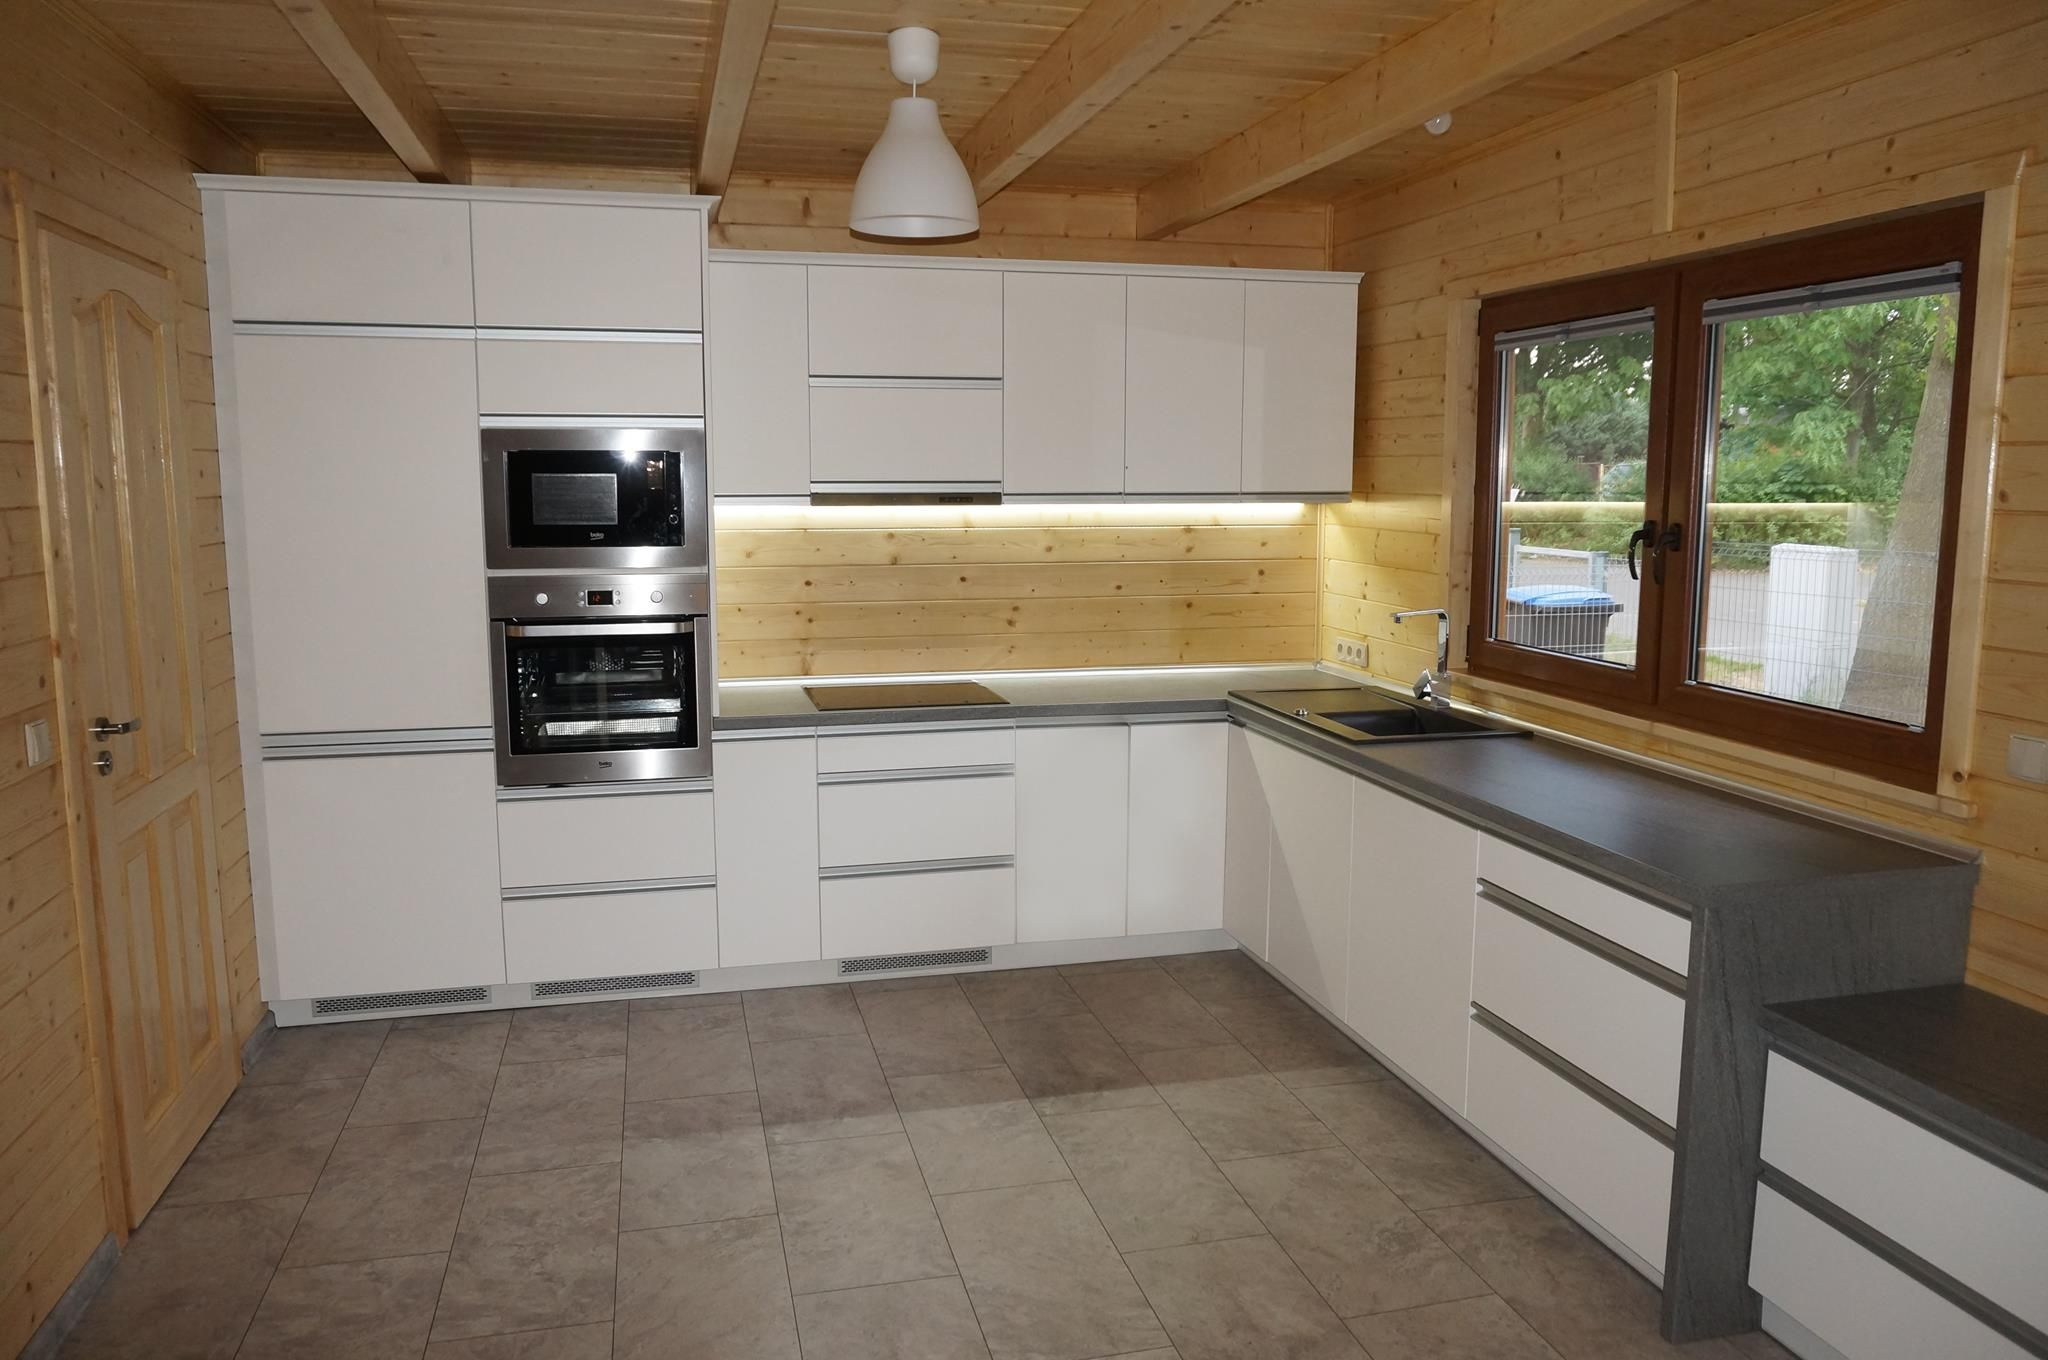 Polaczenie Kuchni Nowoczesnej I Akcentow Retro W Projekcie Wykorzystano Fronty Lakier Bialy Mat Blat Granit Ciemny Uchwy Kitchen Home Decor Kitchen Cabinets